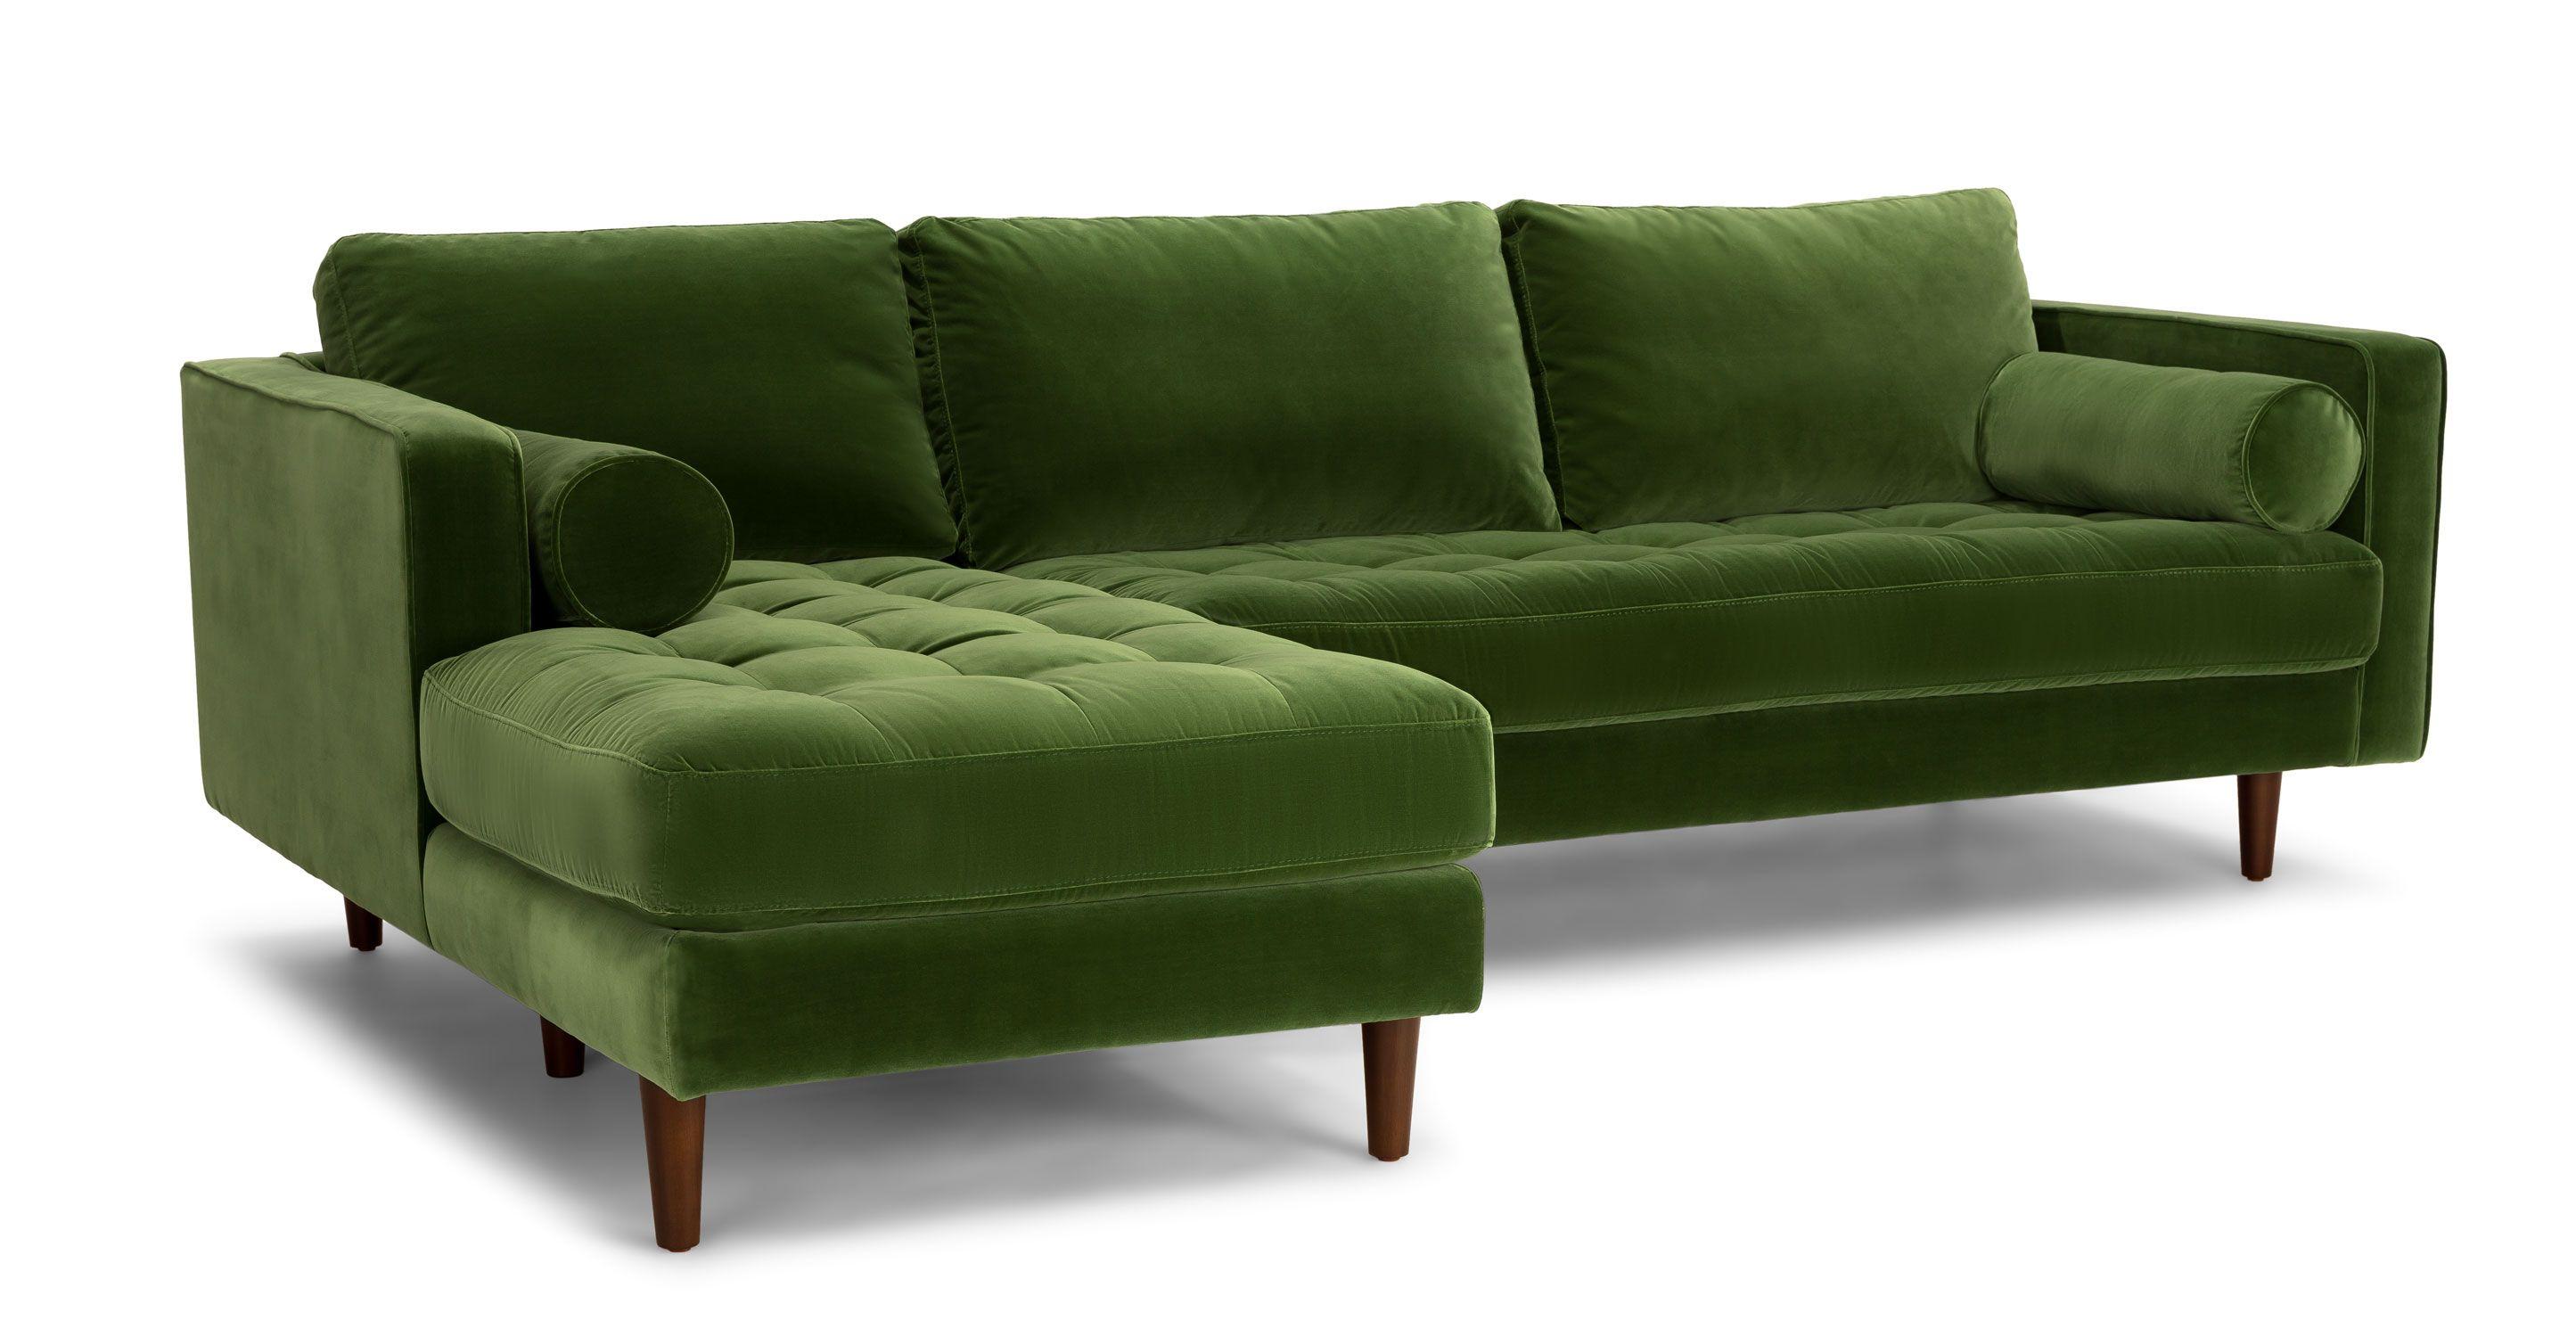 Sven Grass Green Left Sectional Sofa Green